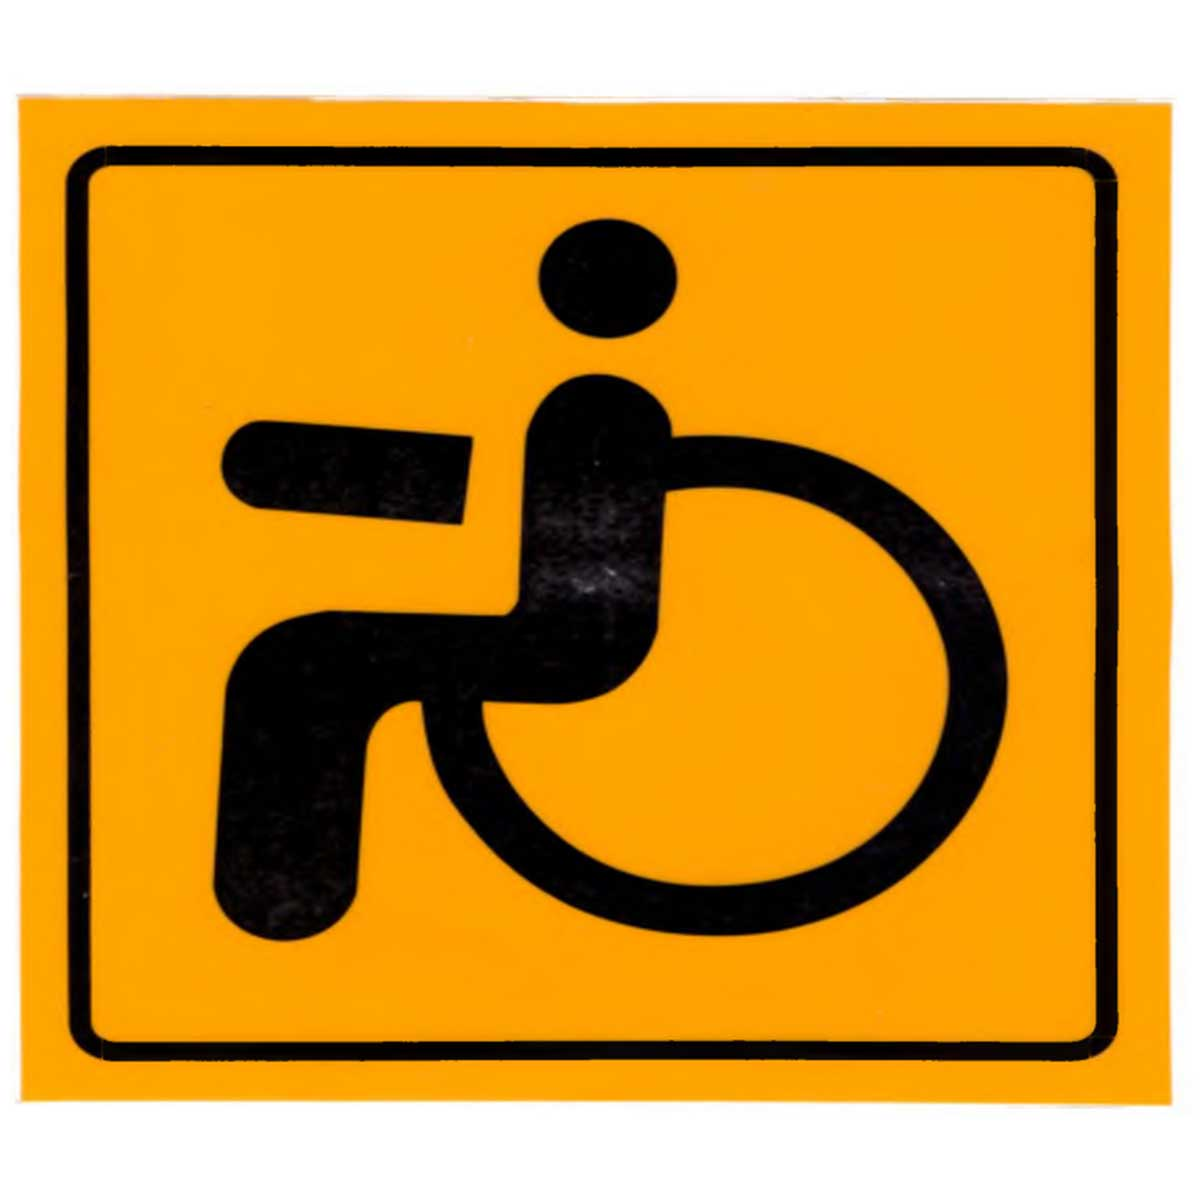 Фото - Наклейка на автомобиль Знак инвалид виниловая 15х15 наклейка инвалид в авто двухсторонняя 15х15 см